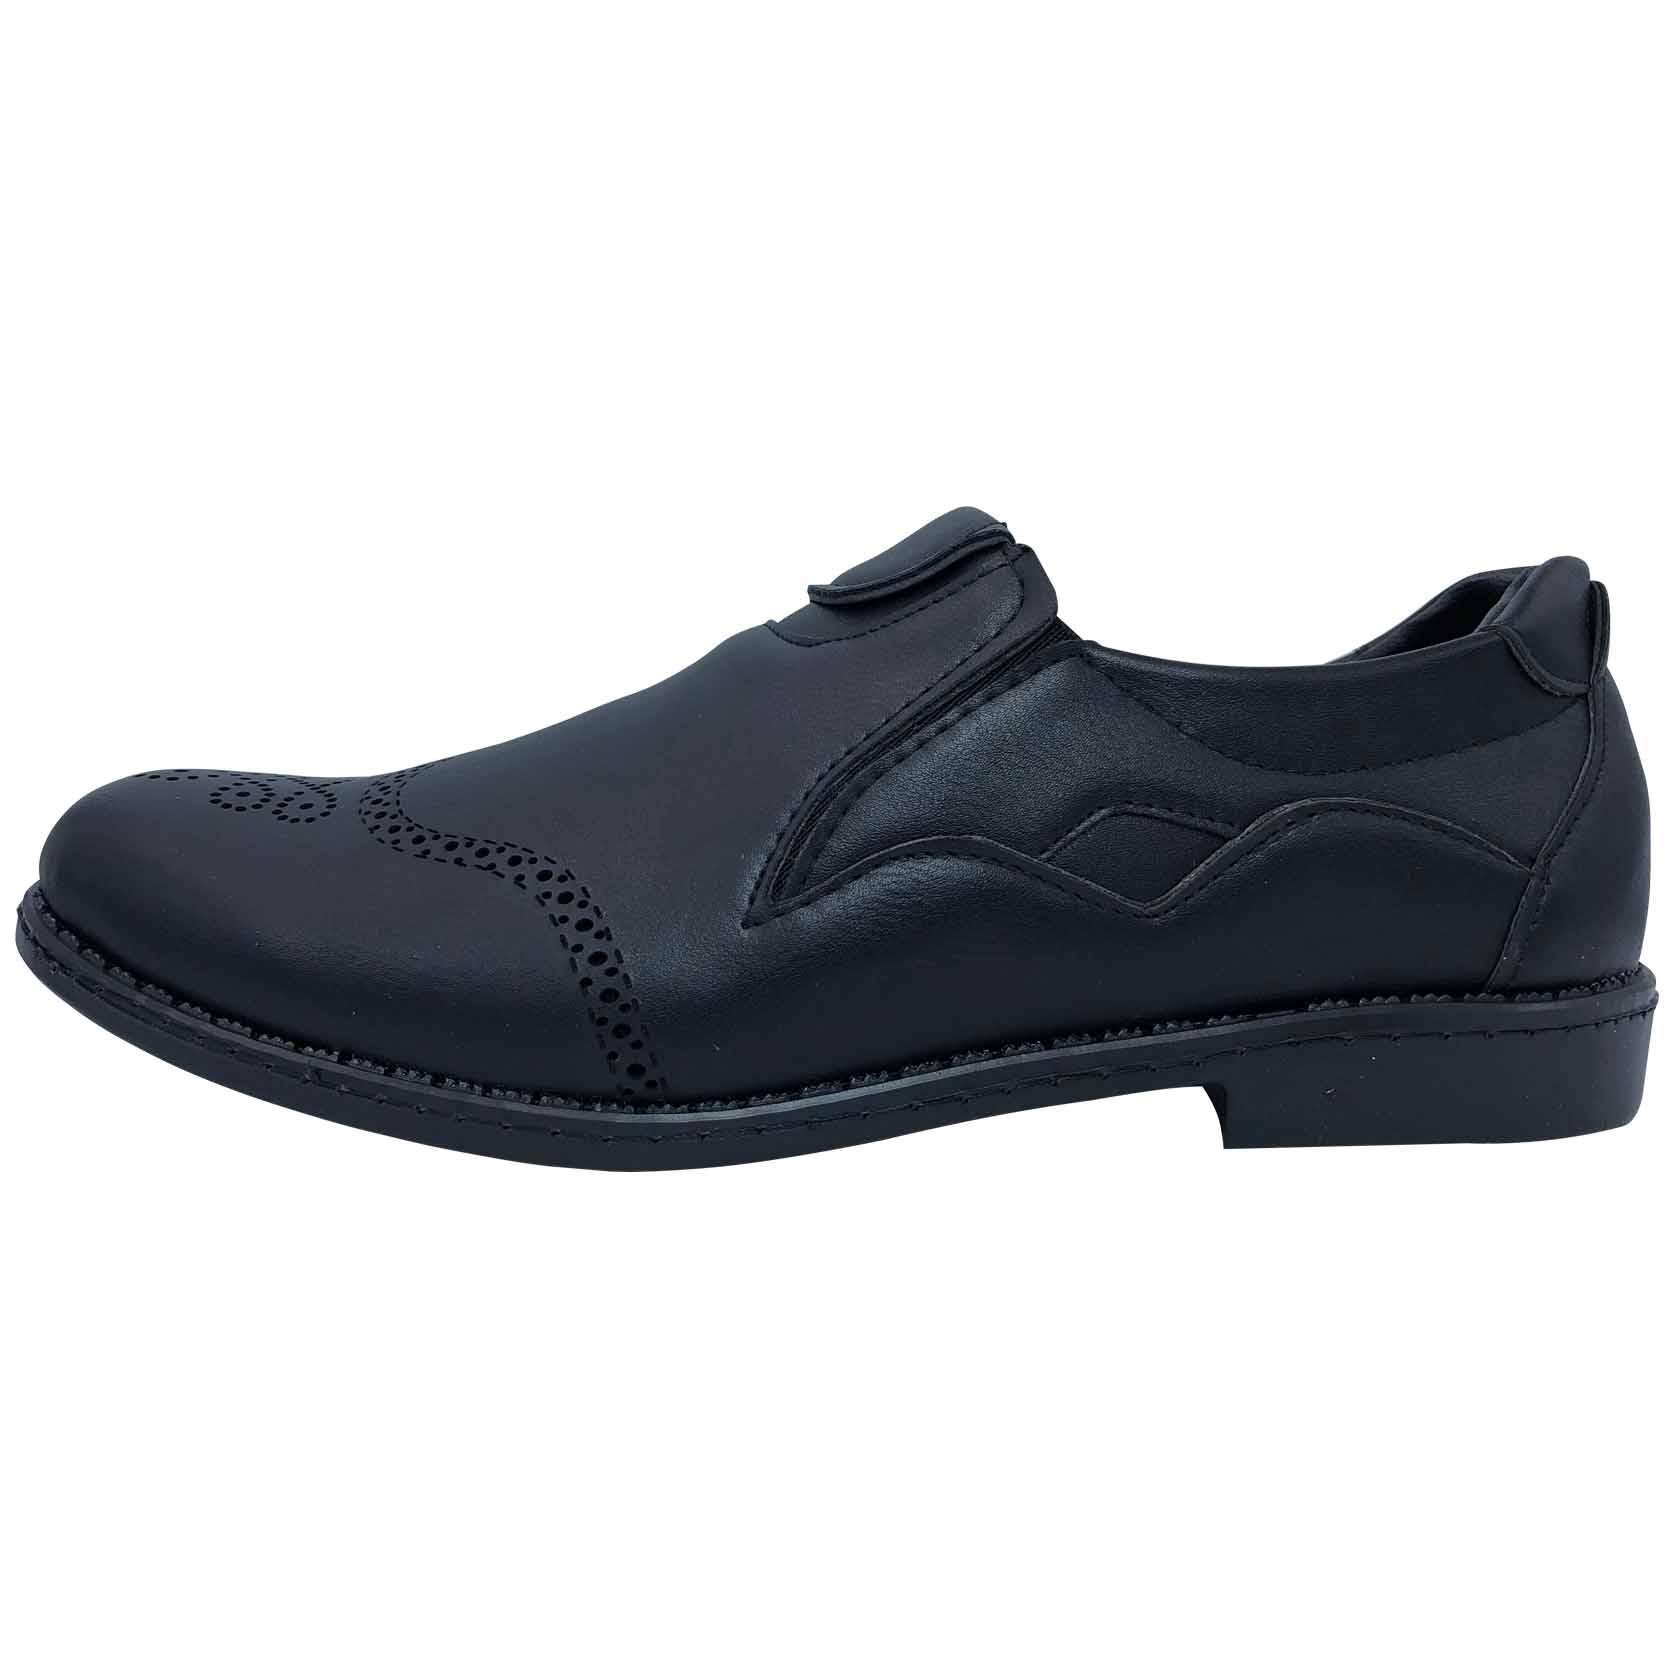 کفش روزمره مردانه کد m 705